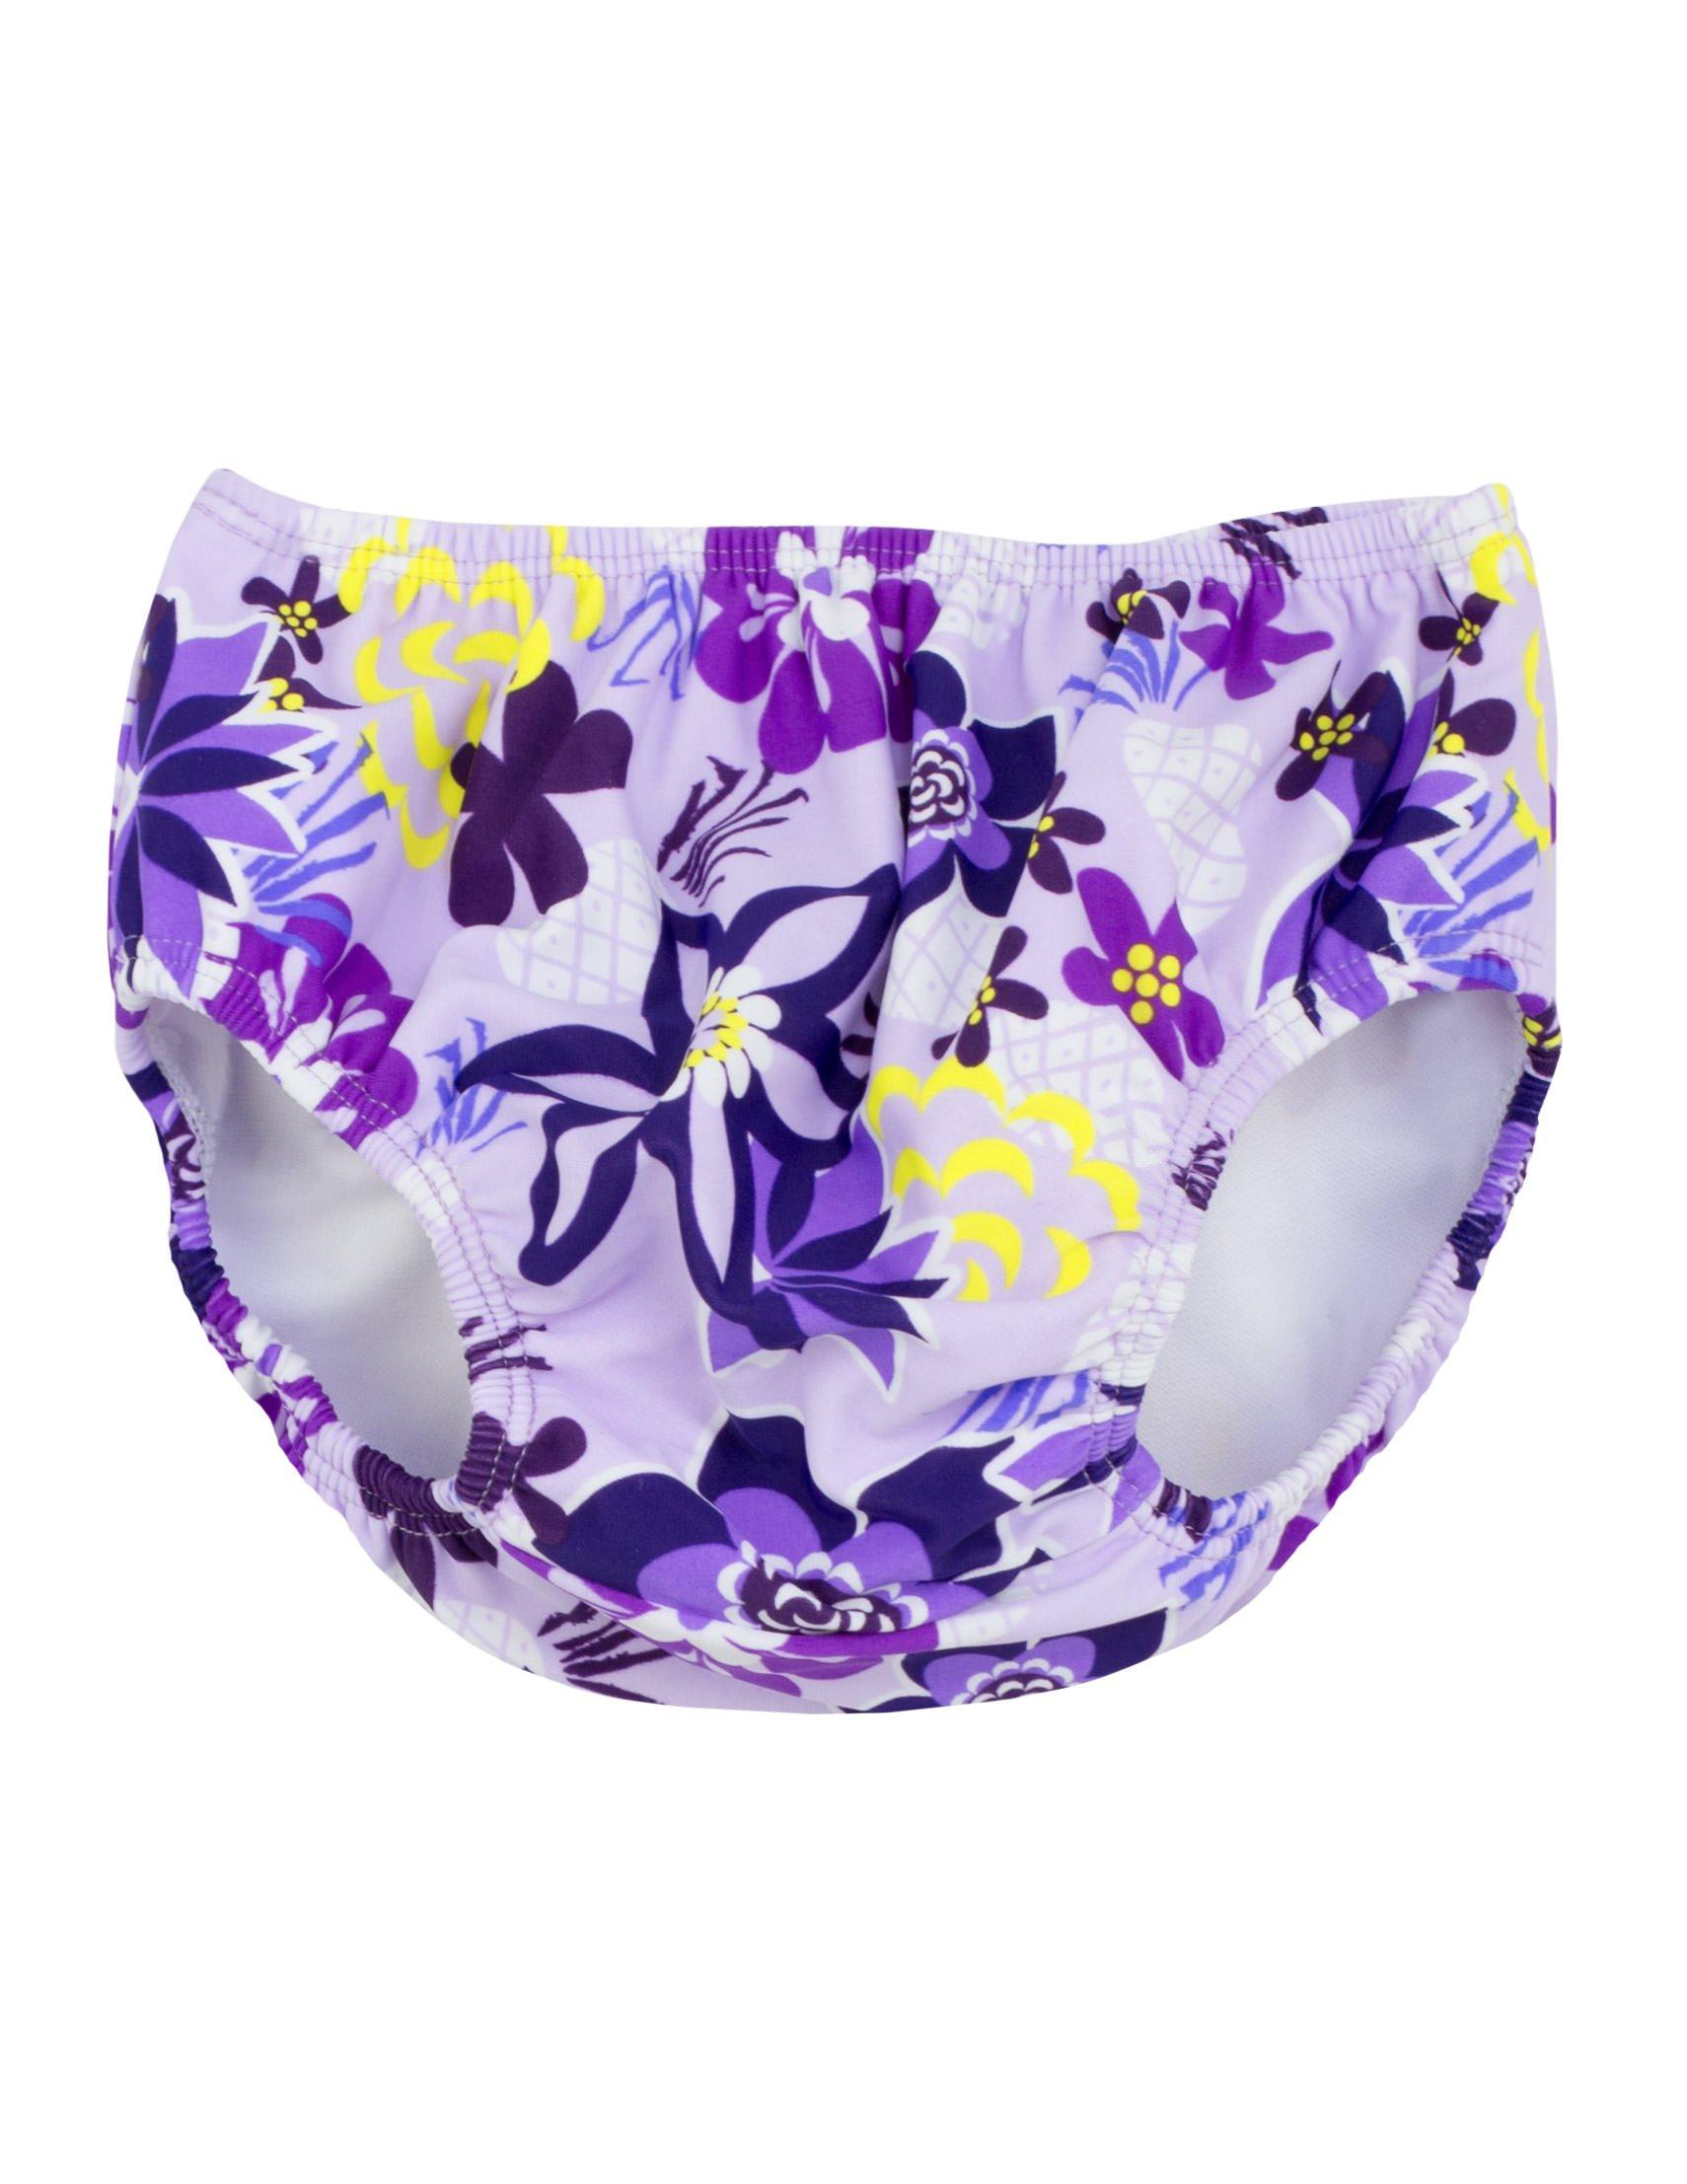 Tuga Girls Reusable Swim Diaper, Agata, M